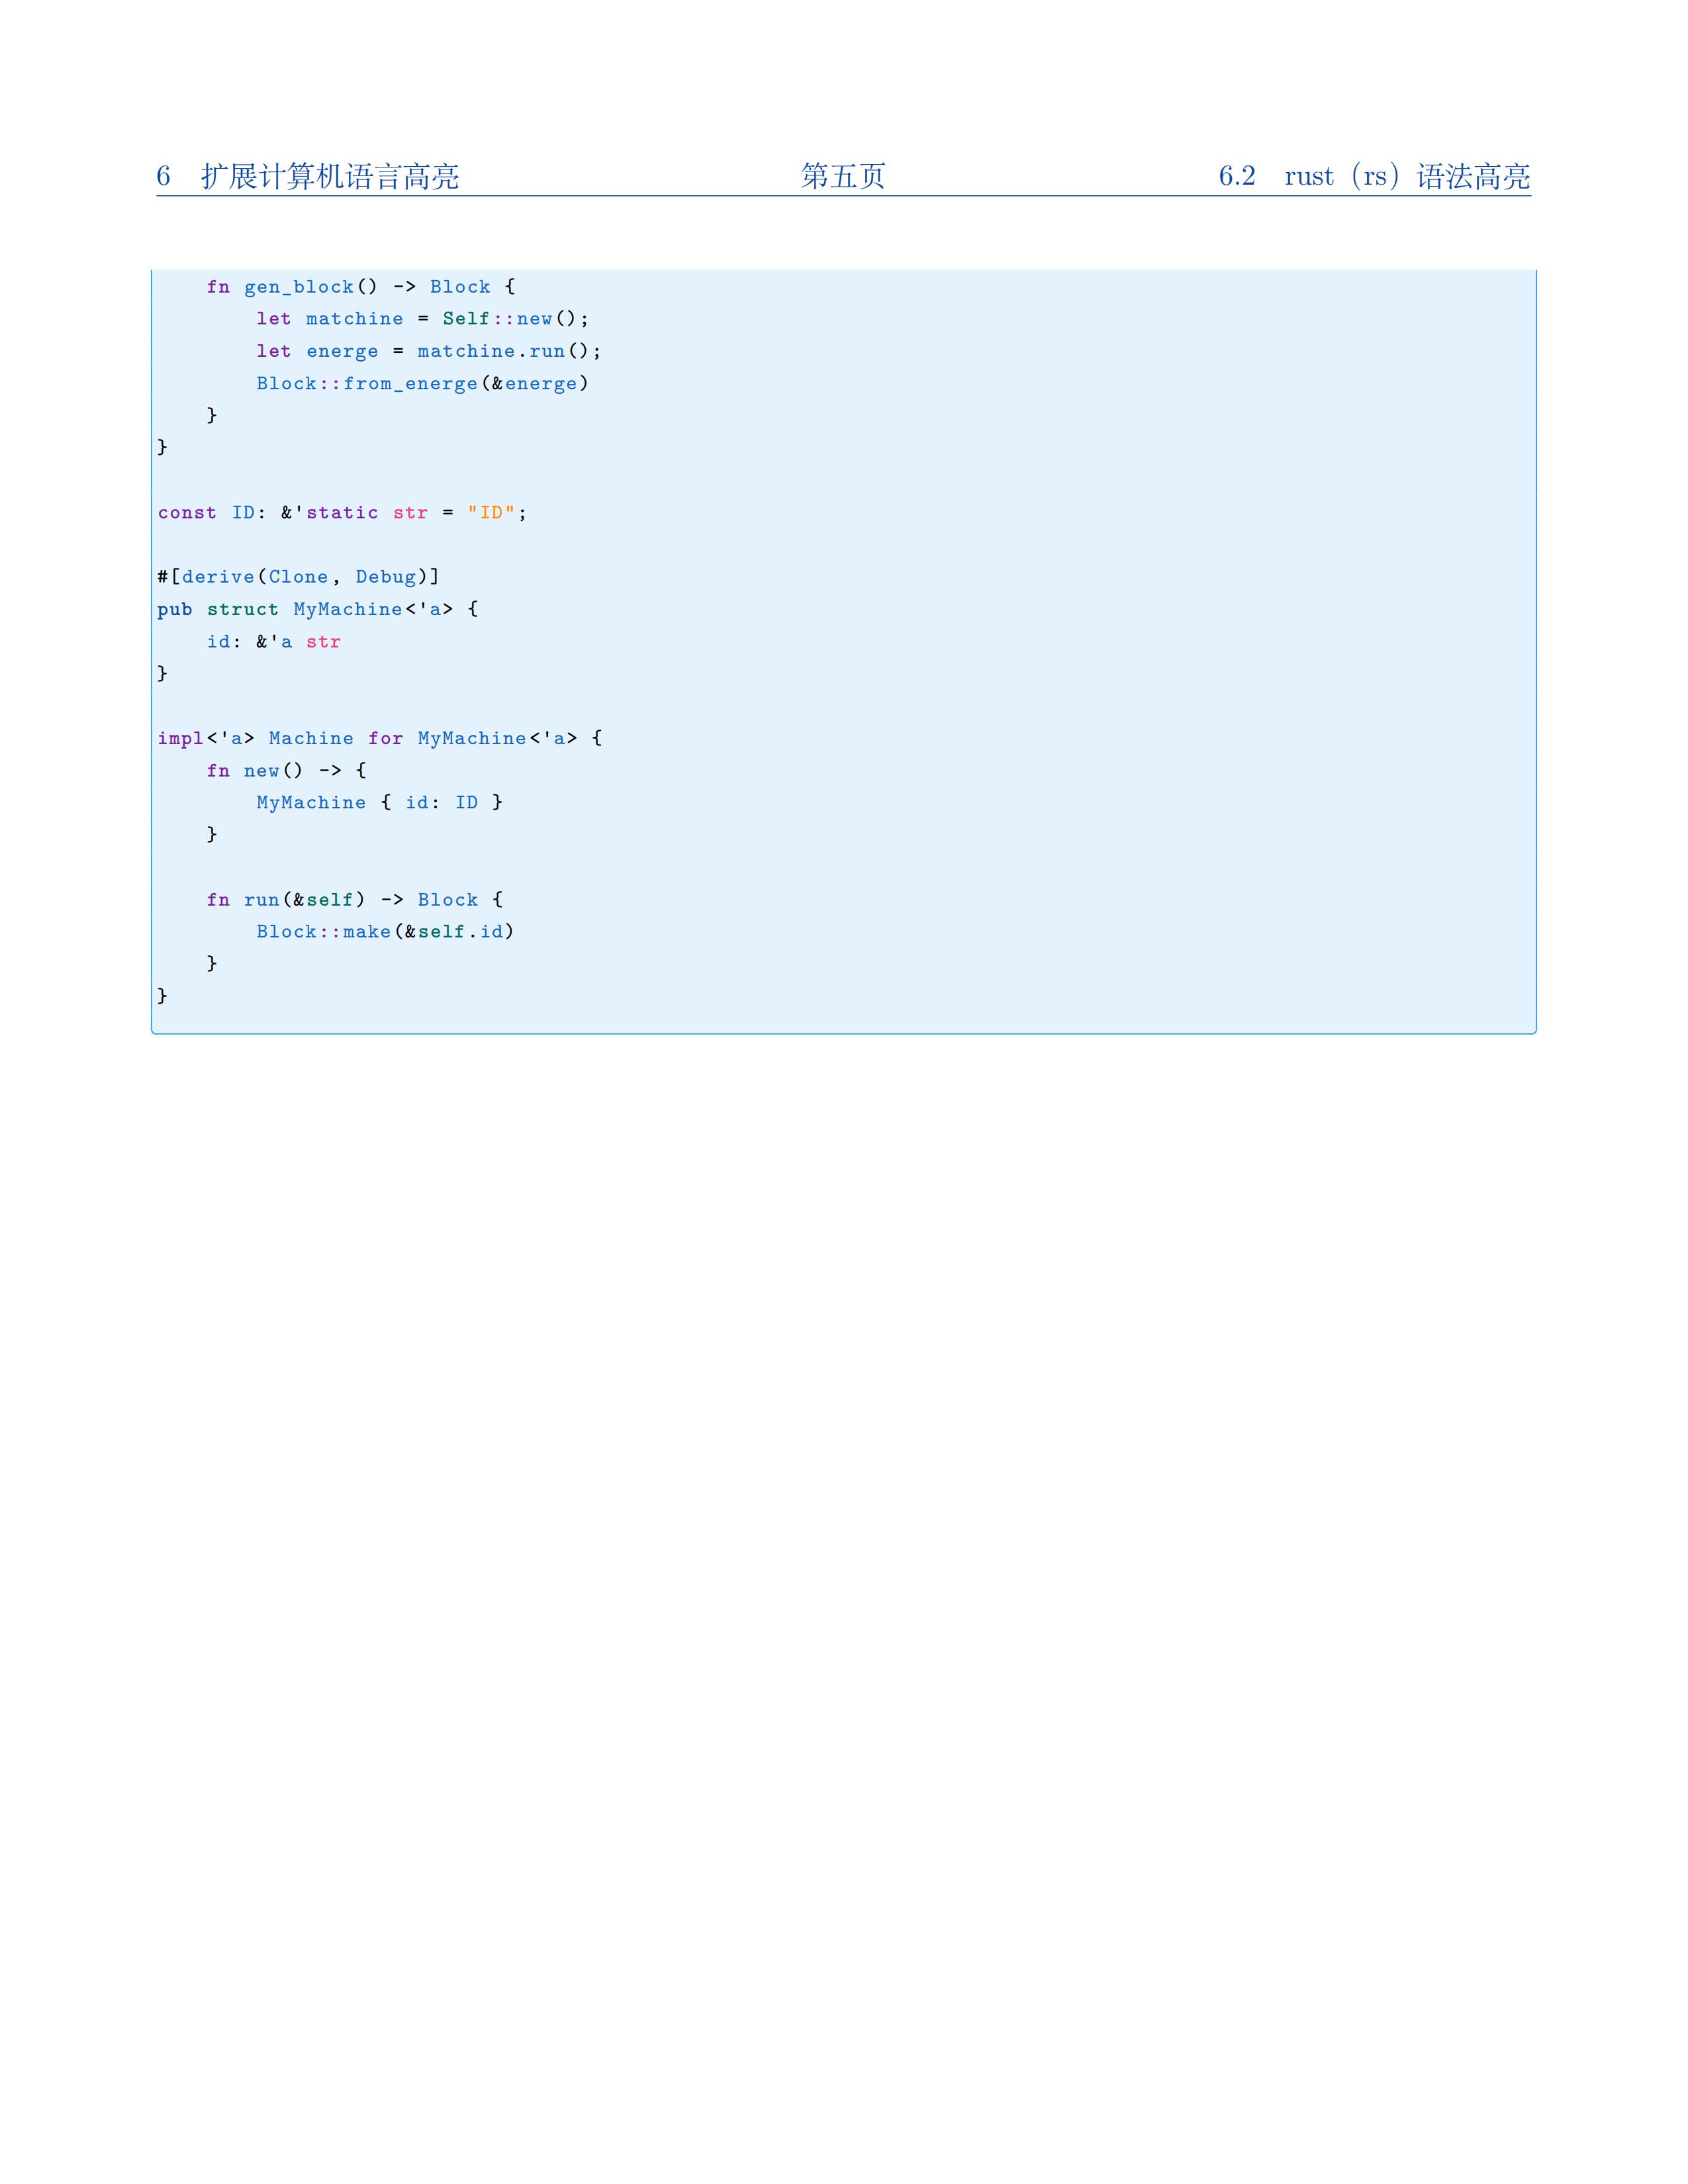 一个简简单单的随笔版式